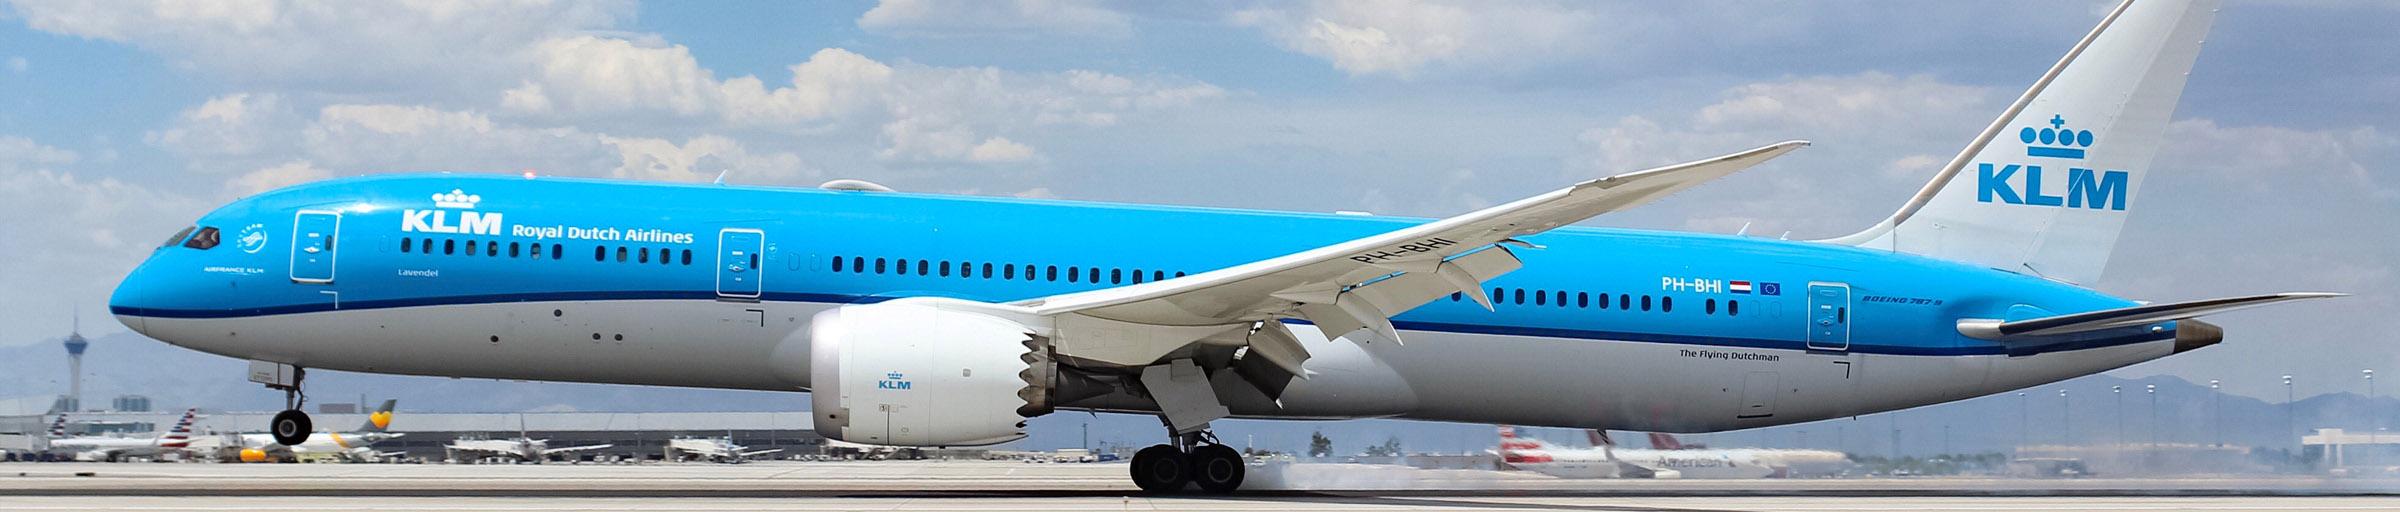 KLM at McCarran